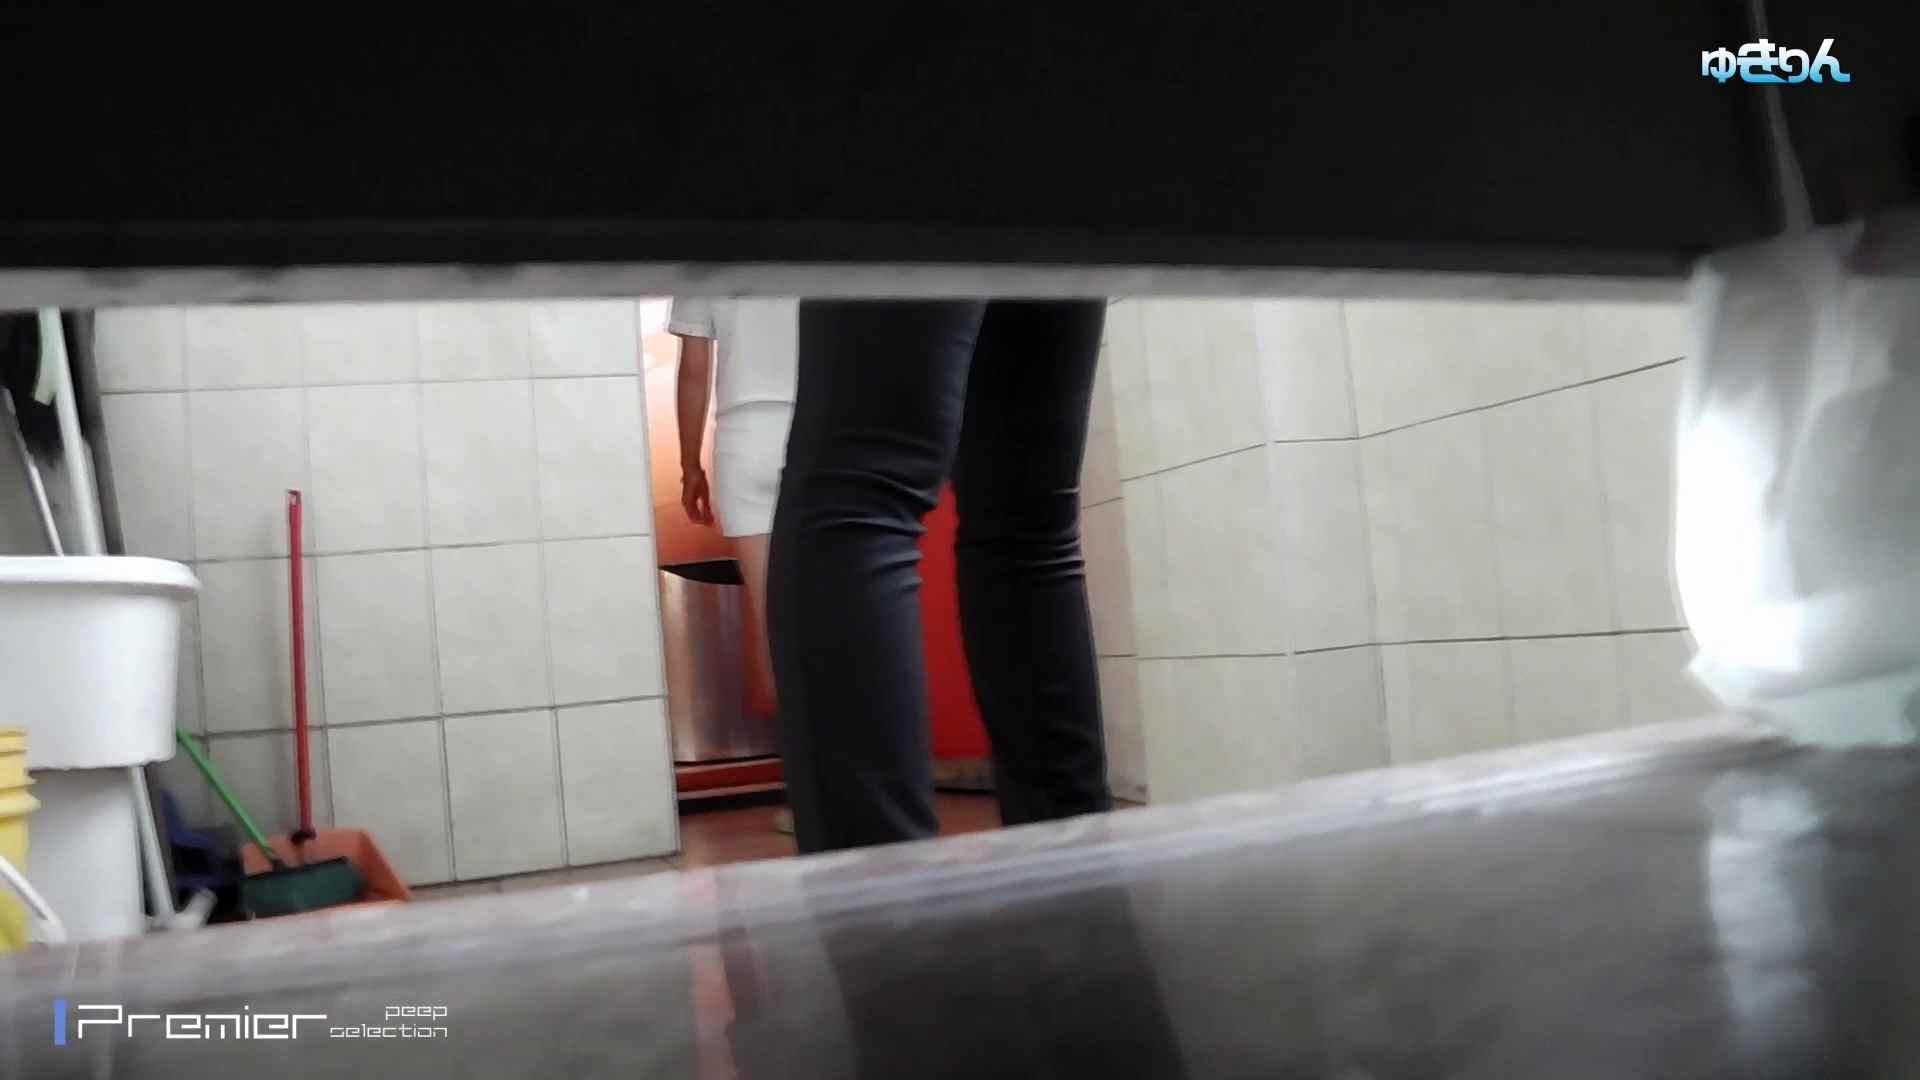 無修正エロ動画|ステーション編 vol60 ユキリン粘着撮り!!今回はタイトなパンツが似合う美女|怪盗ジョーカー